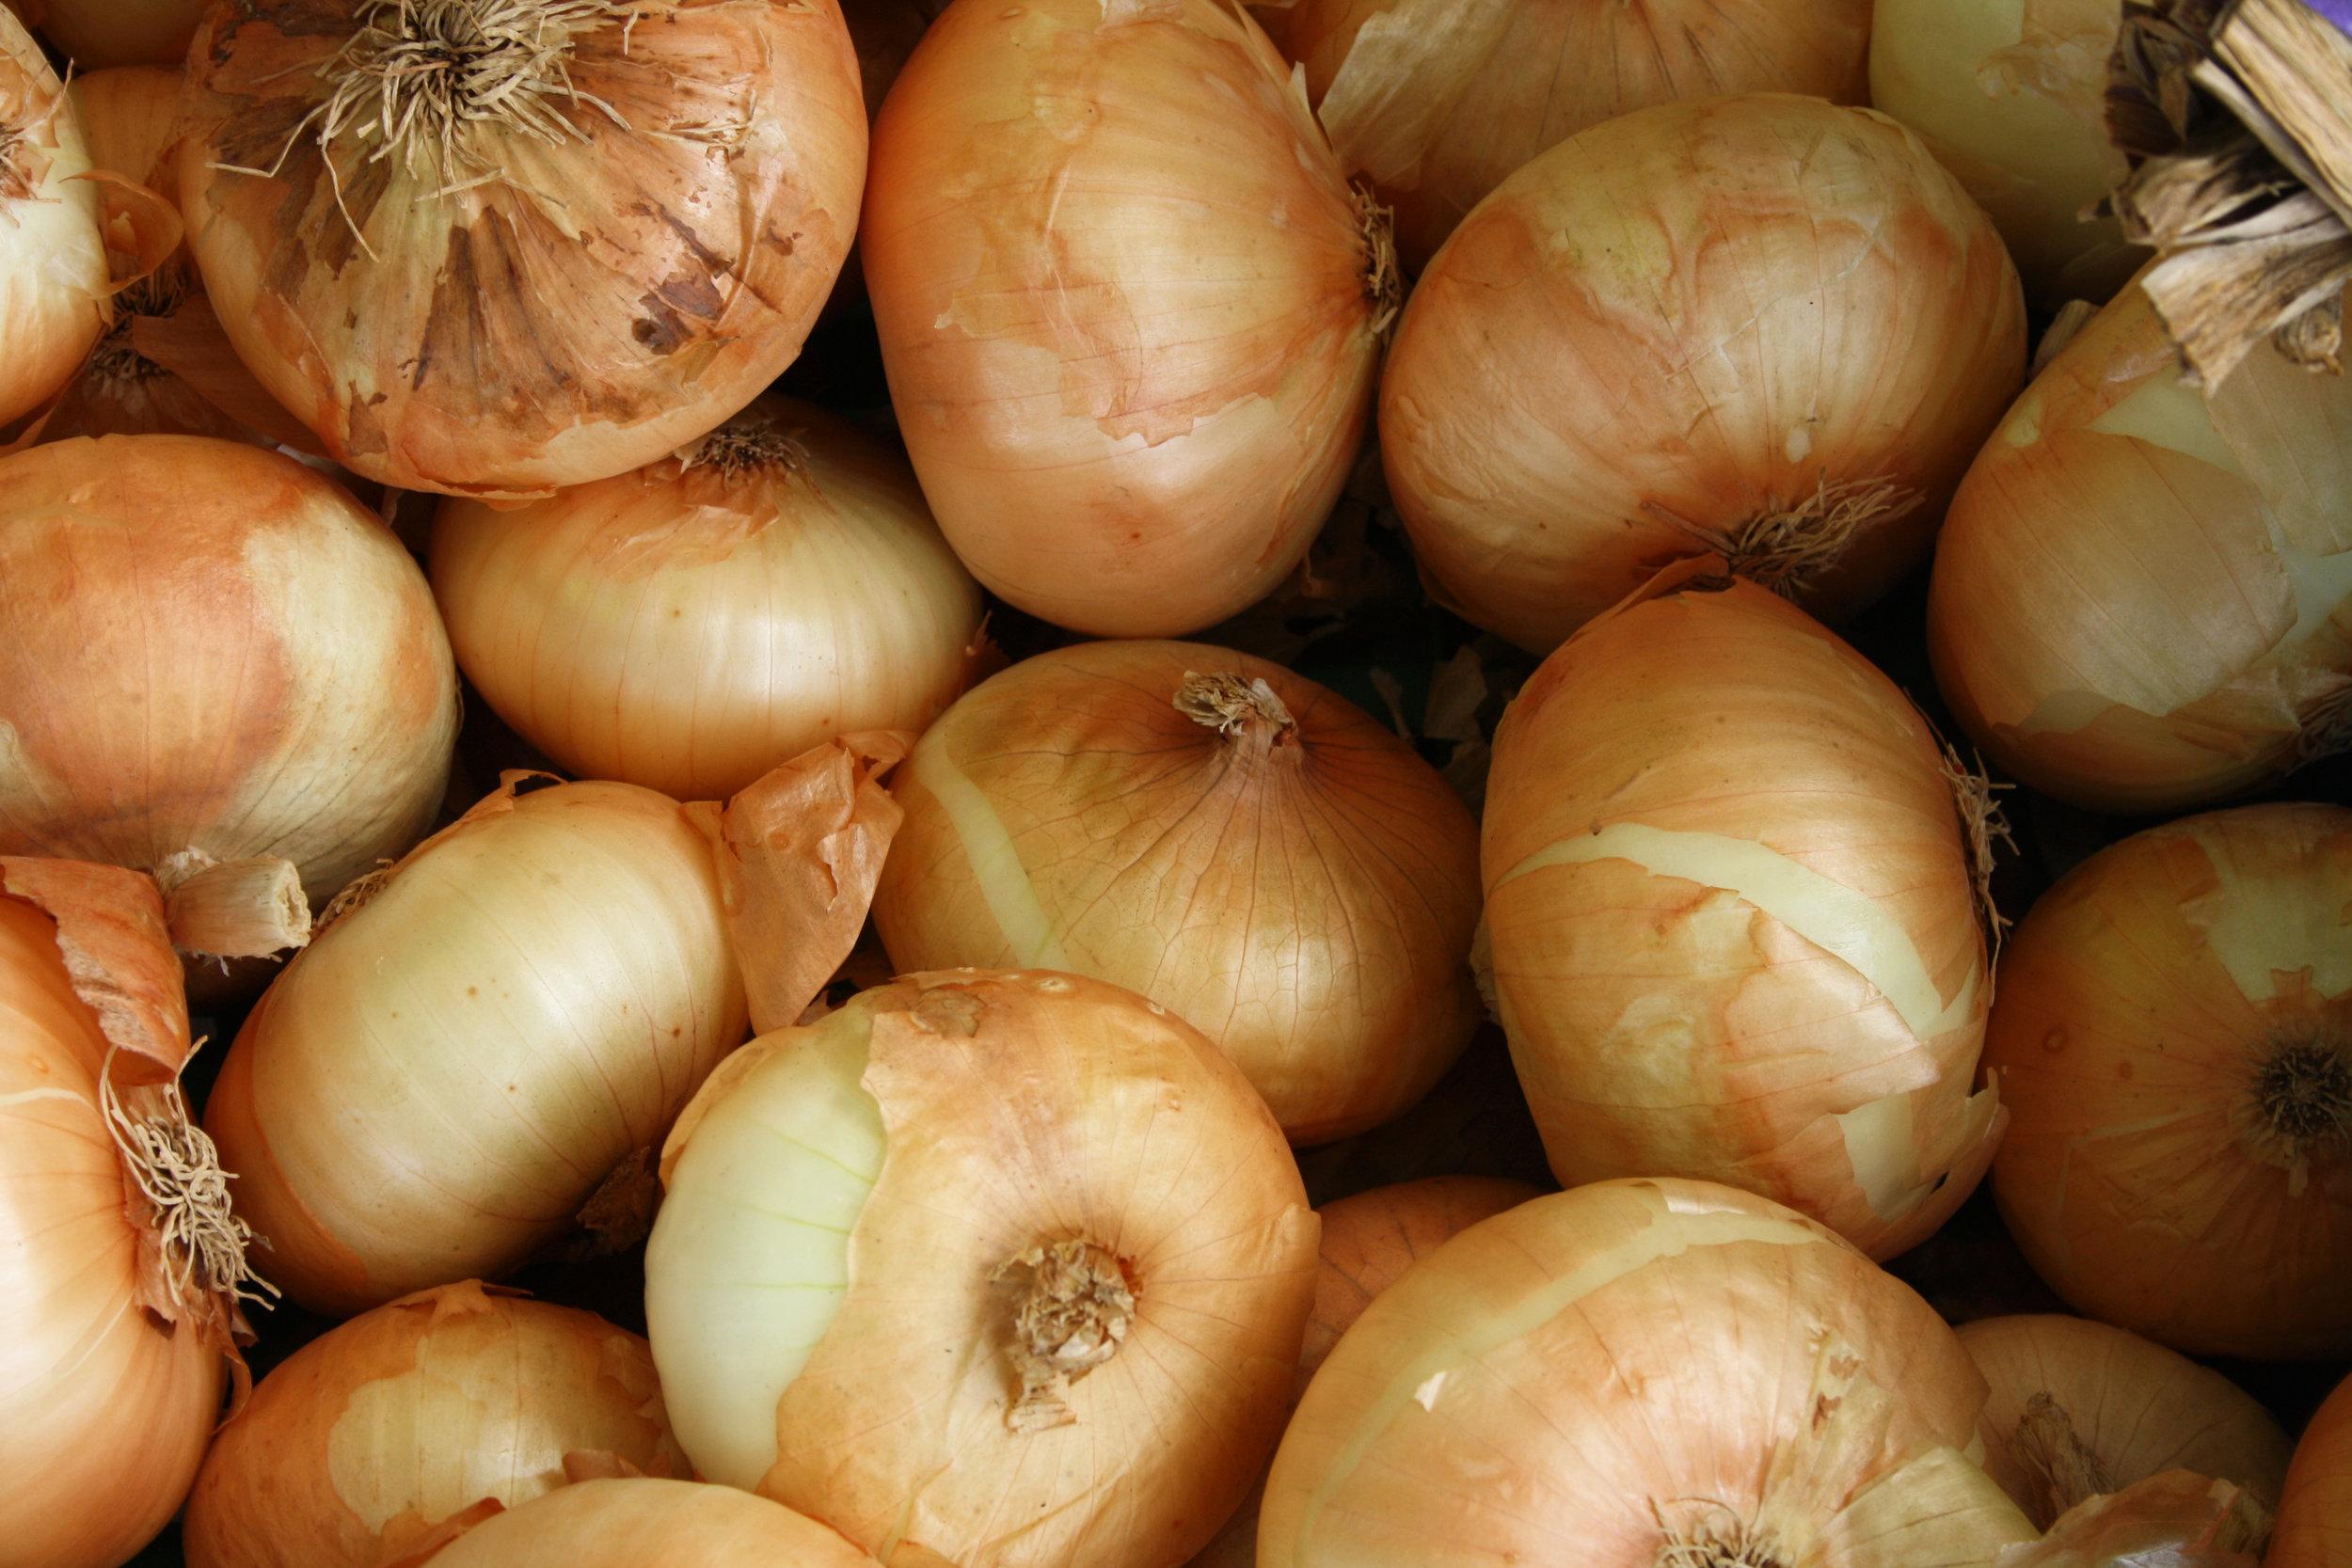 Walla Walla, Washington es famoso por sus cebollas dulces.